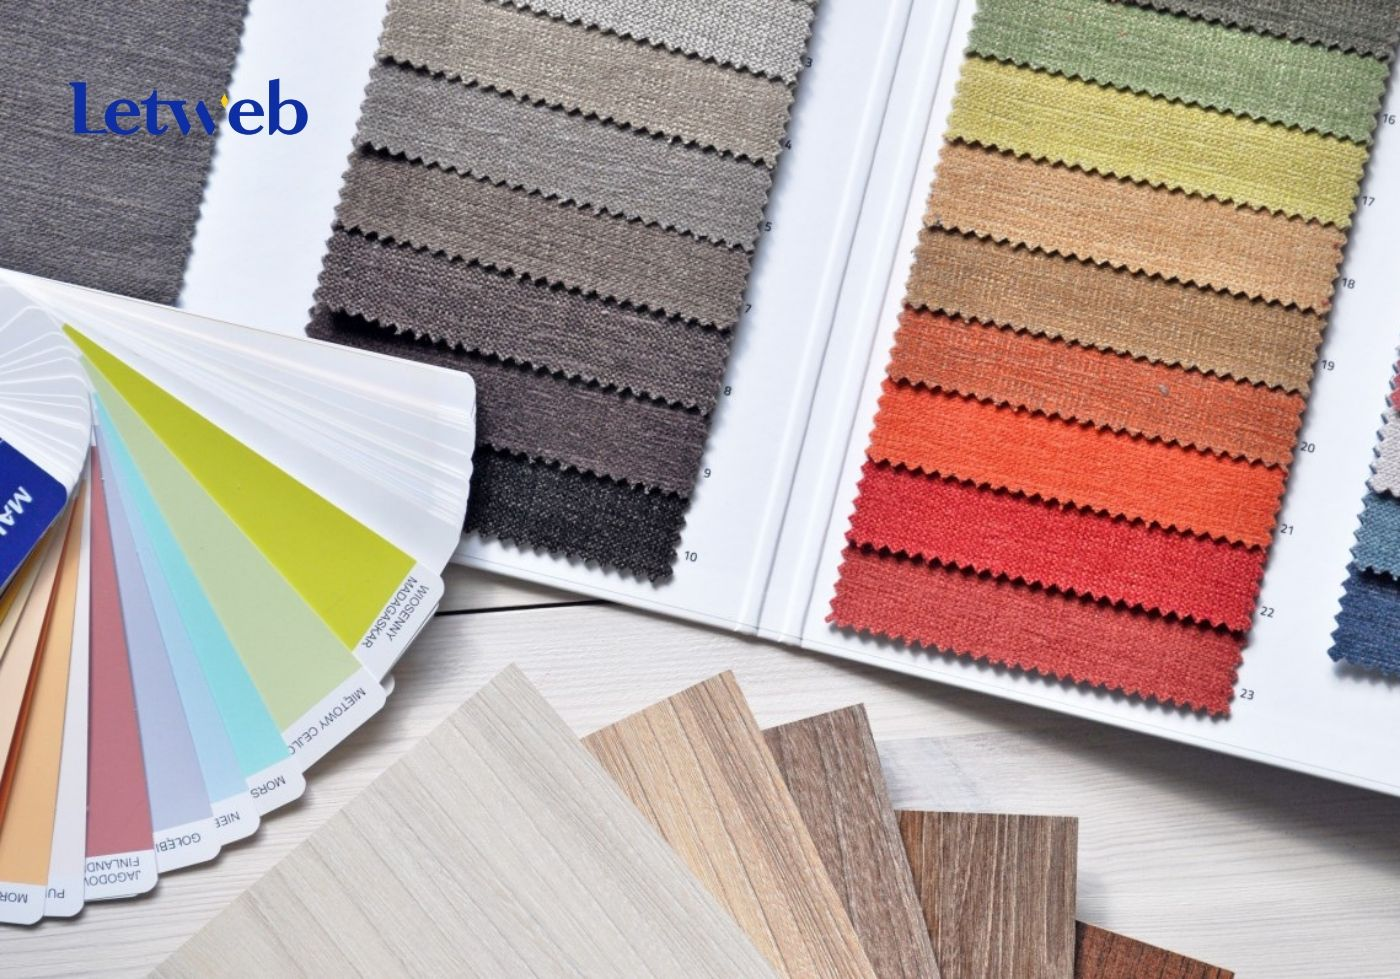 Màu sắc đóng vai trò quan trọng với giao diện website